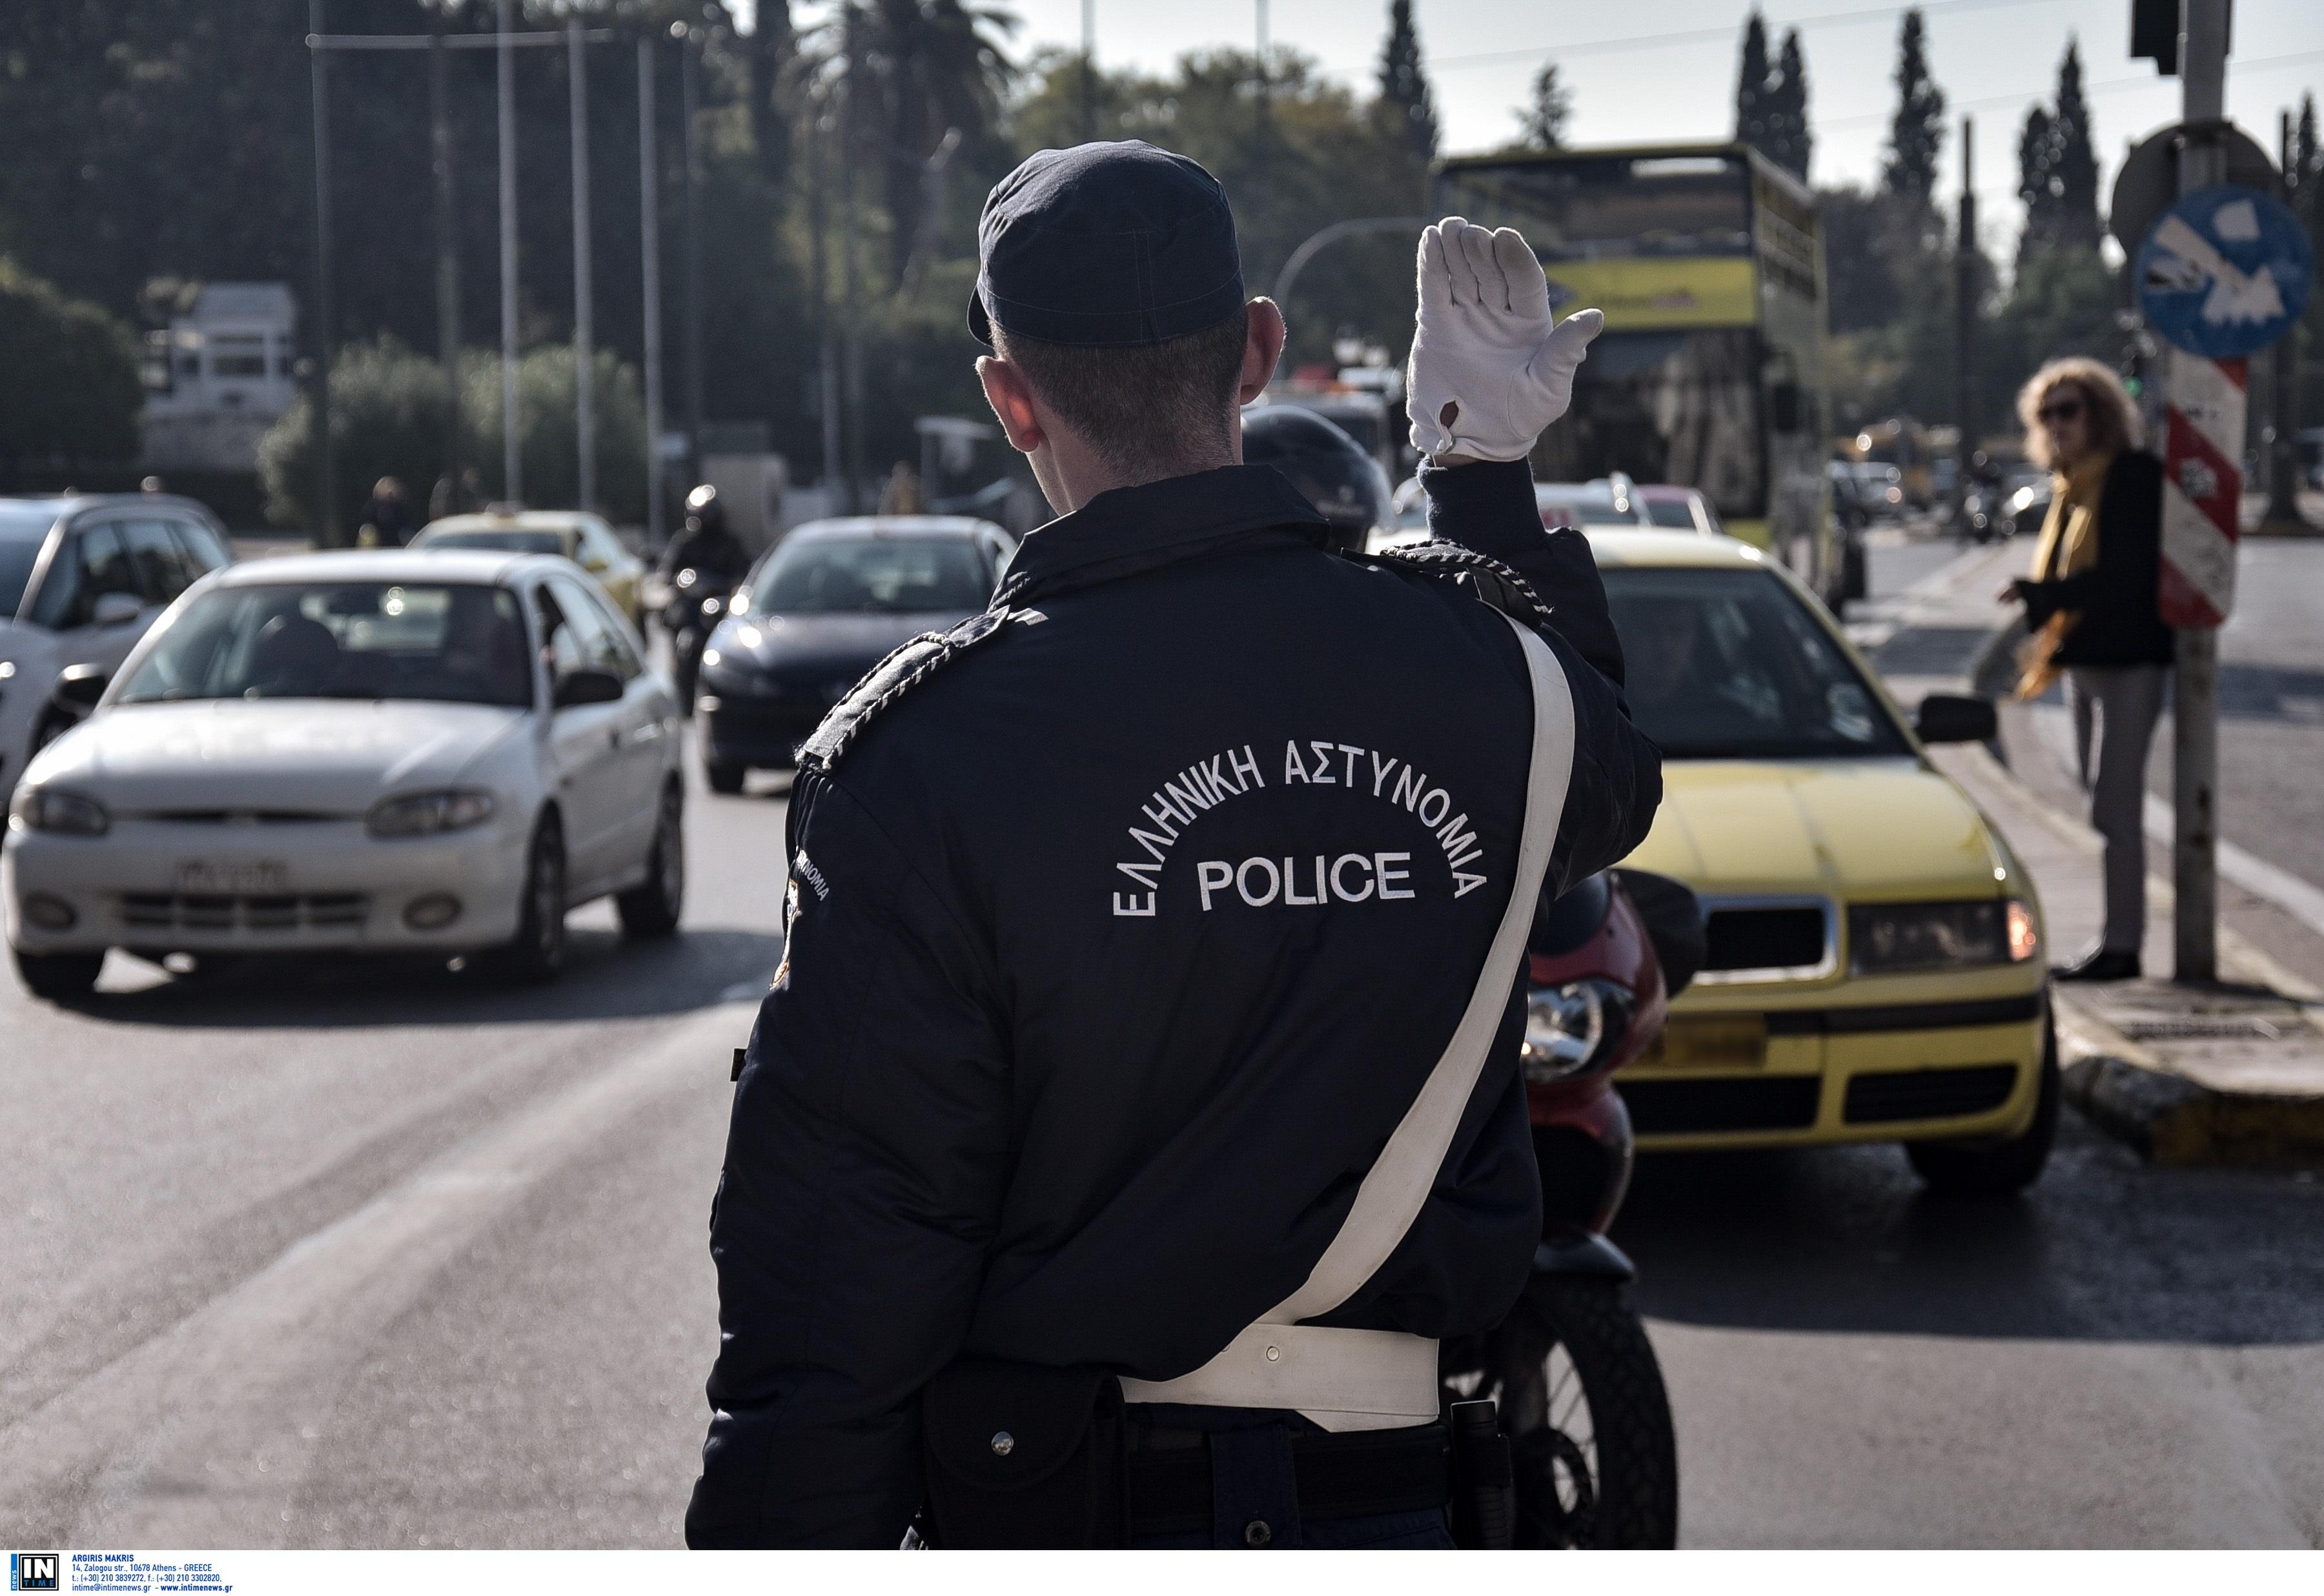 Αδιάβατη η Αθήνα από τις συγκεντρώσεις και πορείες στην 11η επέτειο της δολοφονίας του Αλέξη Γρηγορόπουλου!